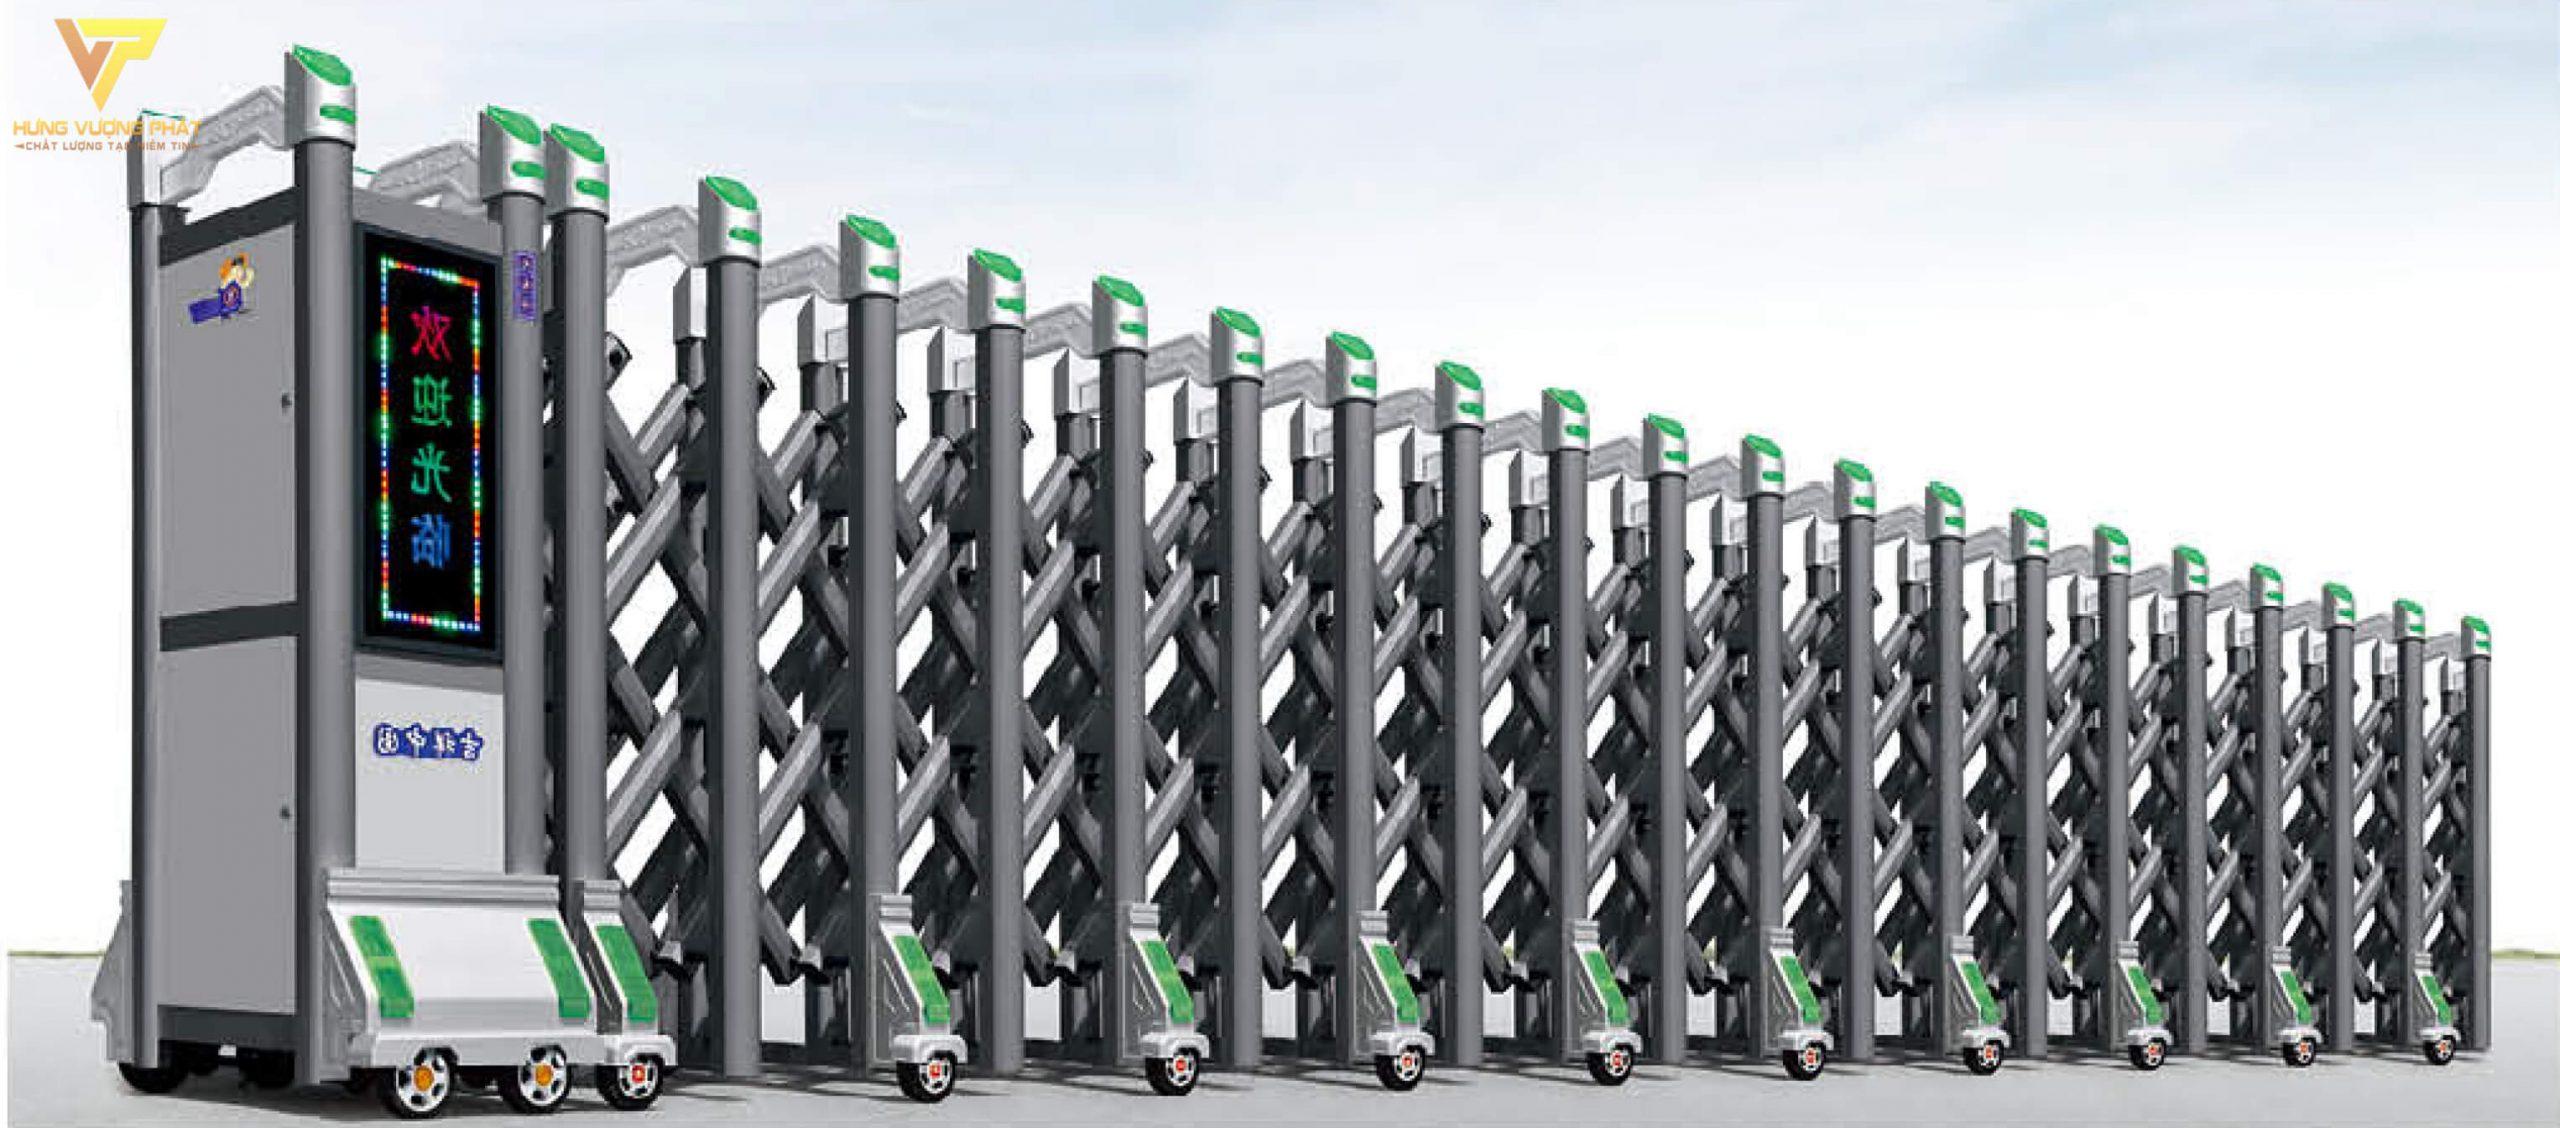 Cổng xếp hợp kim nhôm chạy điện tự động HN29